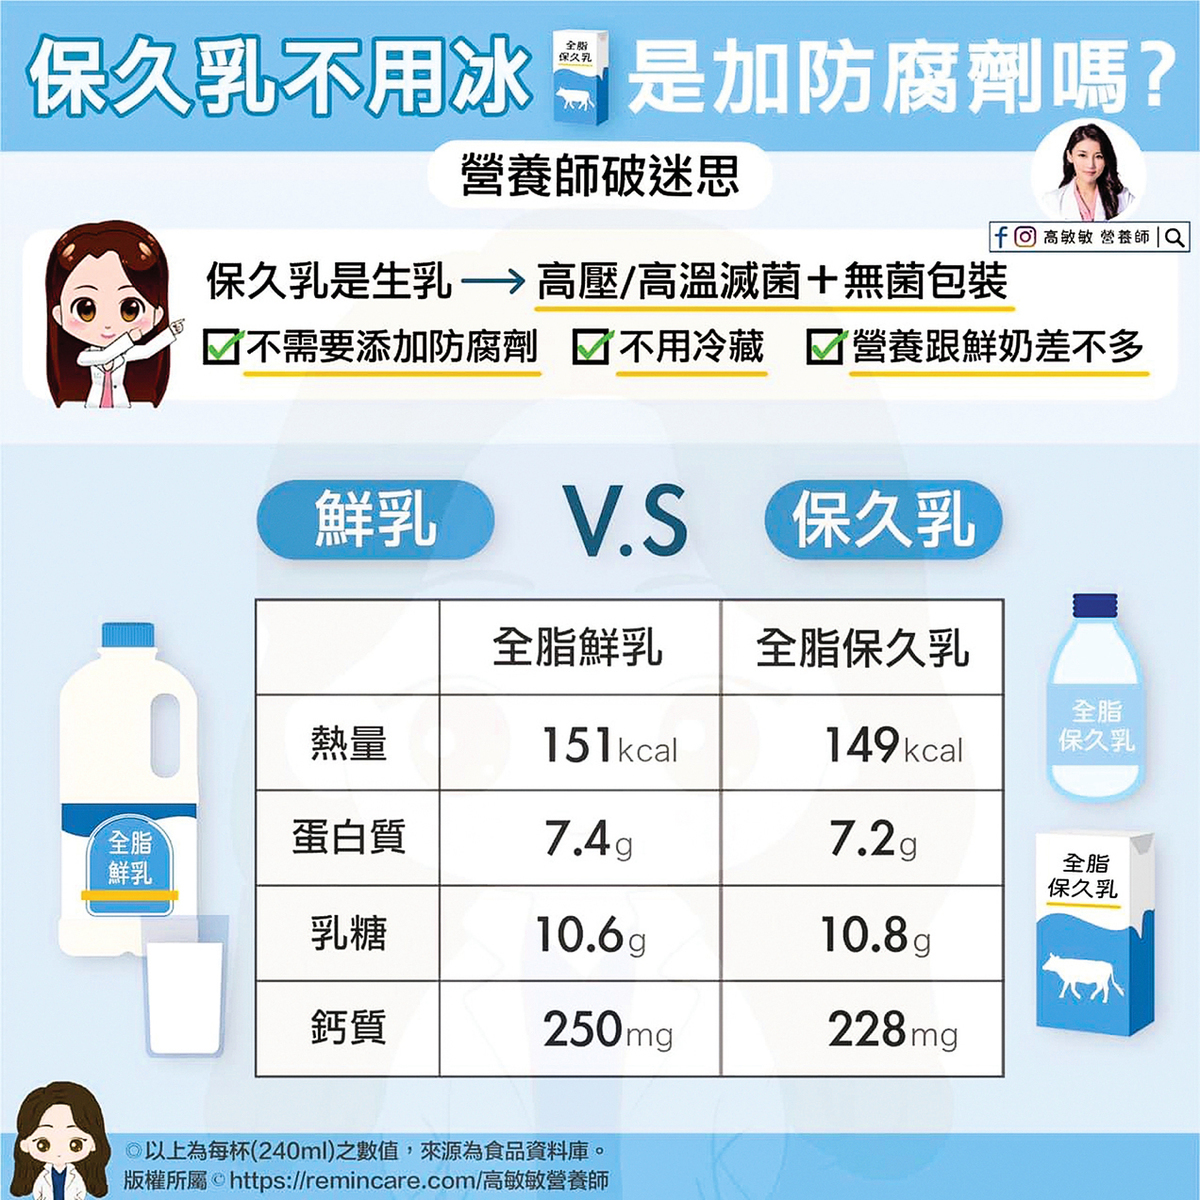 台灣食品資料庫提供的鮮乳、保久乳營養含量數值表,以上為每杯240ml之數值。(高敏敏營養師提供)